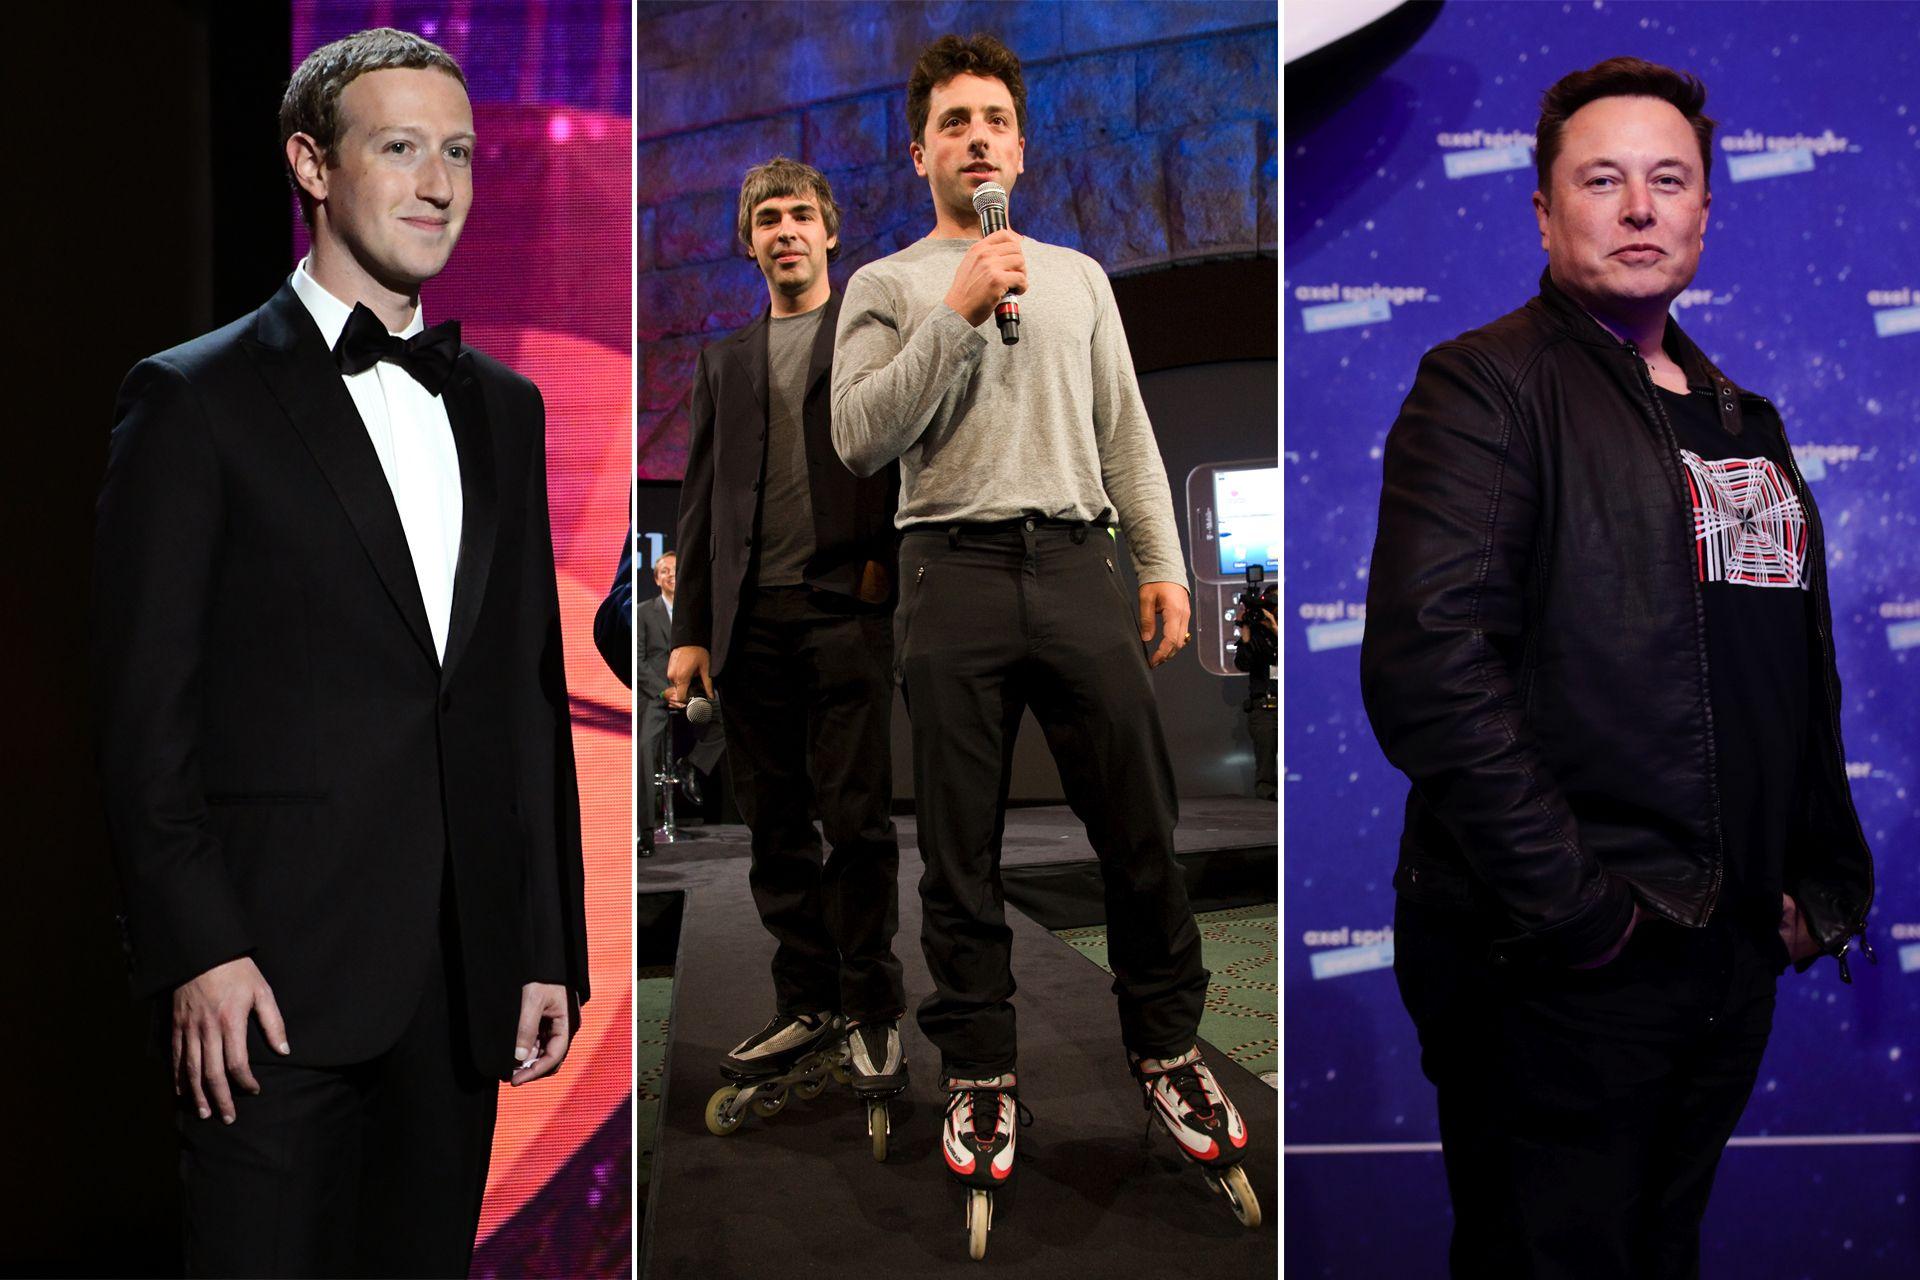 全世界最有錢的人是誰?2021年全球10大富豪榜單一覽